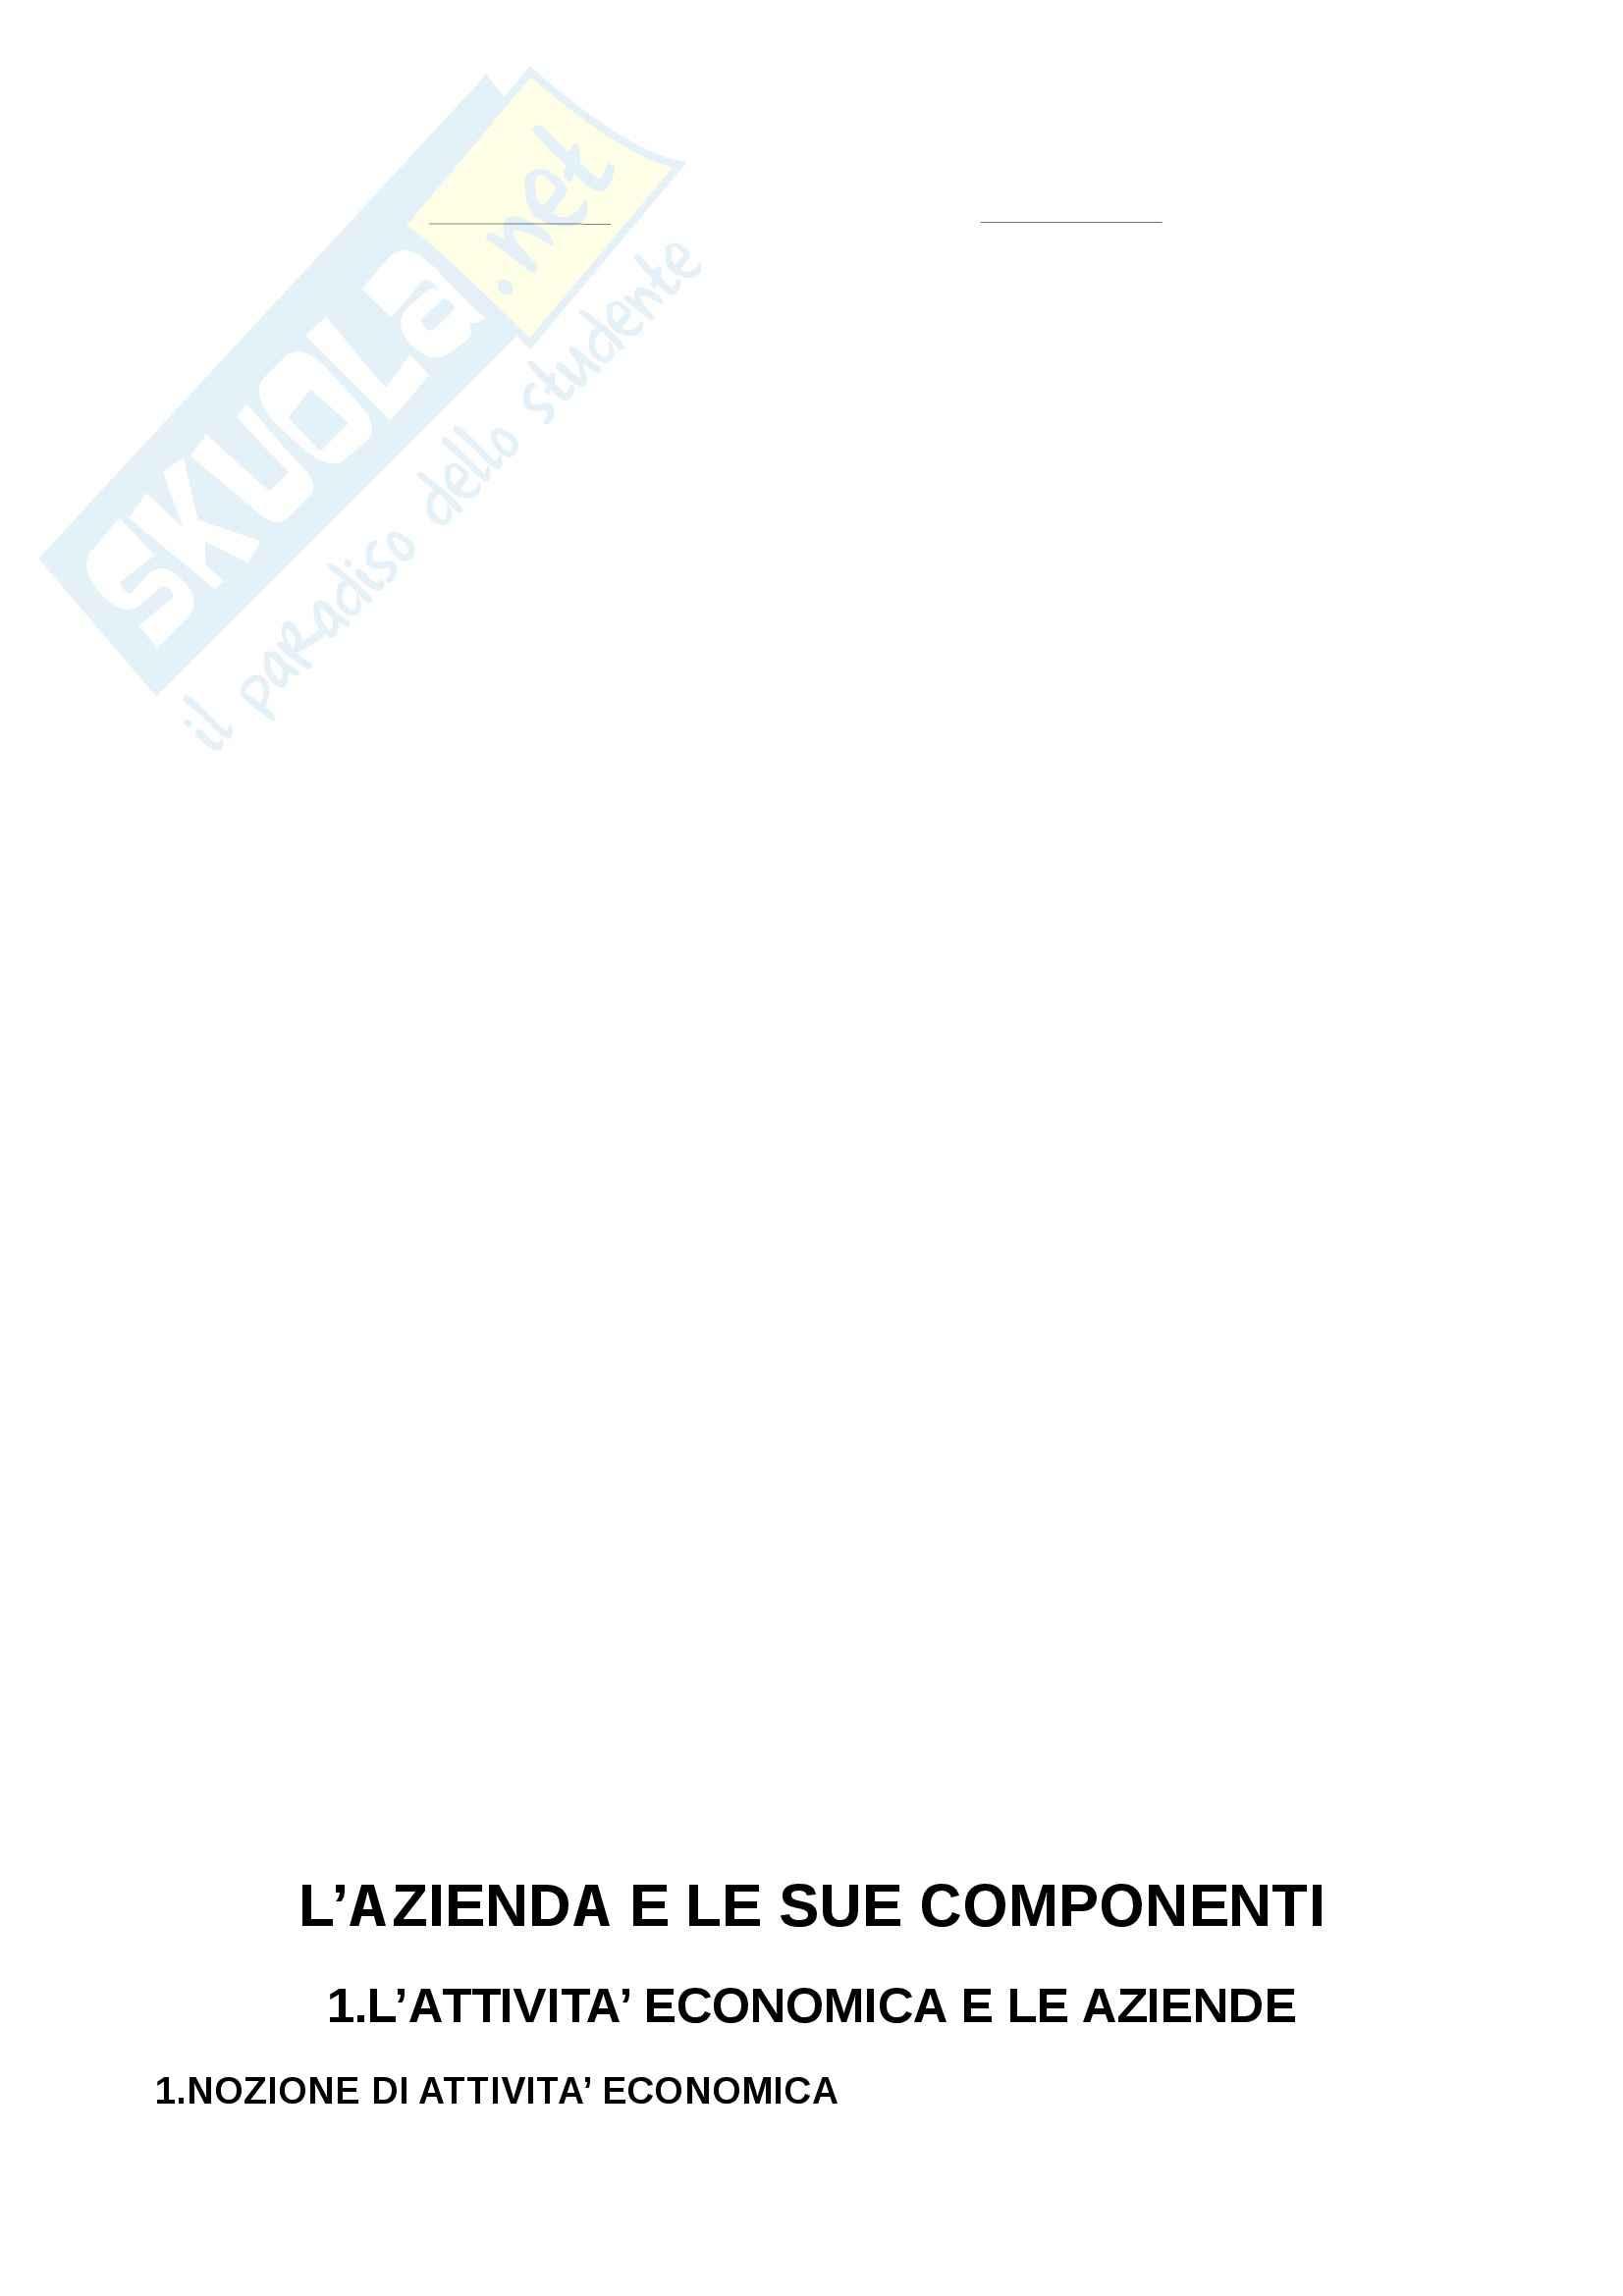 Riassunto esame Economia, prof. Adamo, libro consigliato Lineamenti di economia aziendale, Zanda